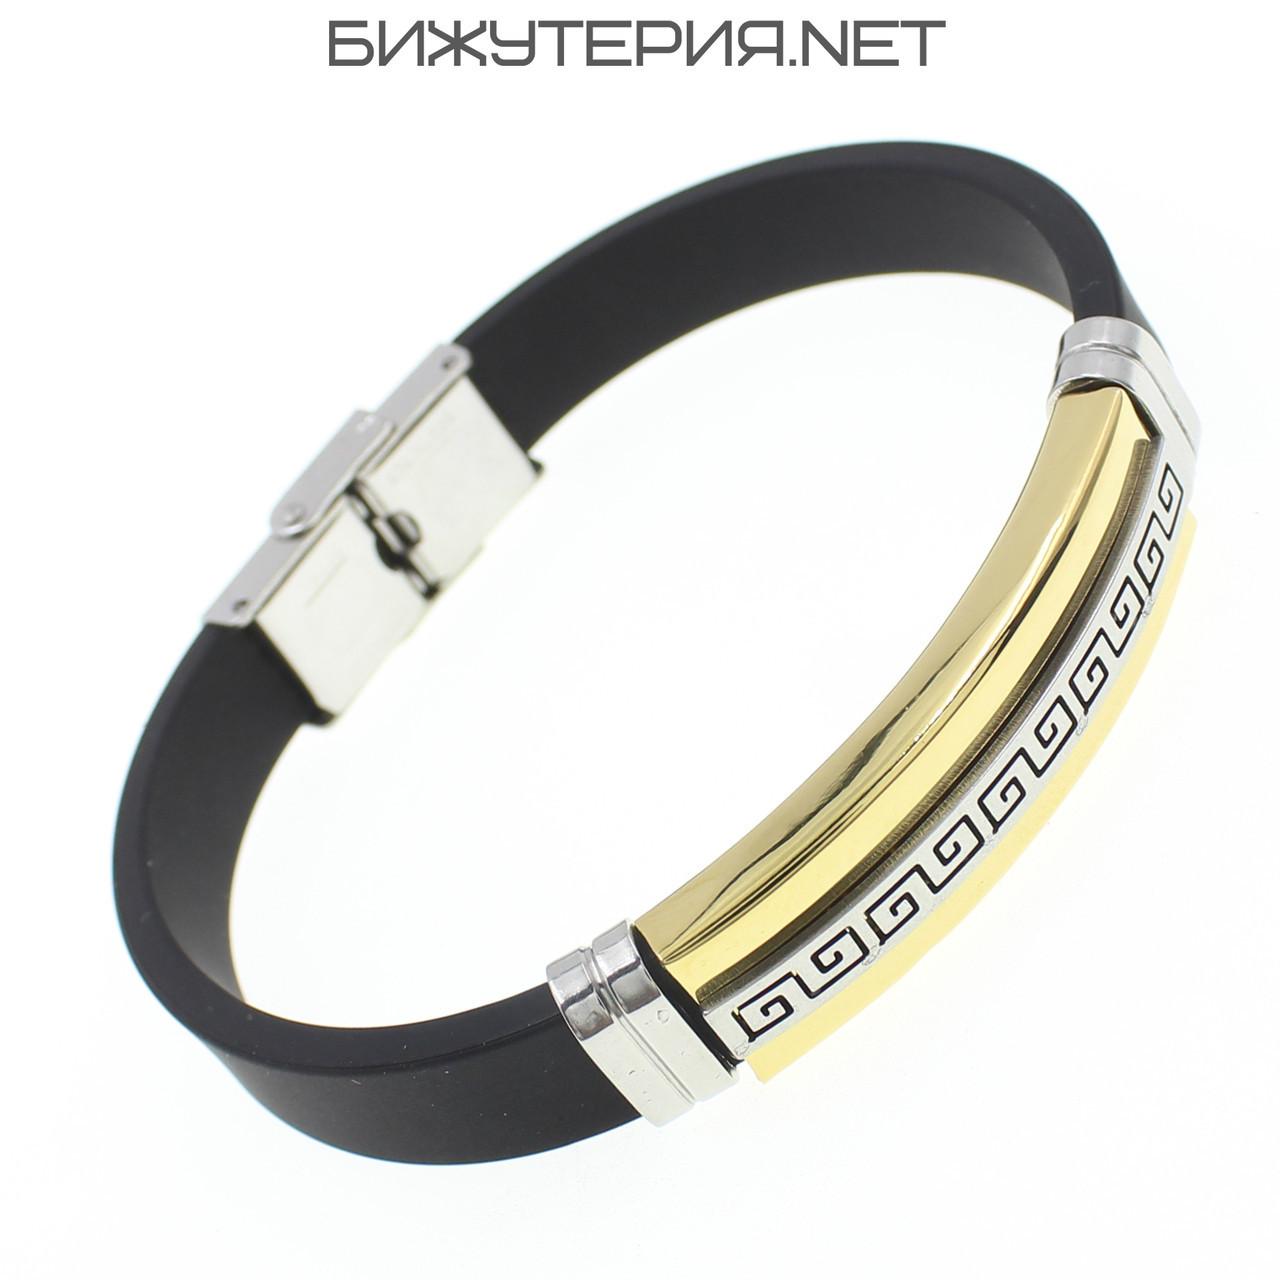 Мужской браслет Stainless Steel - 1043018308